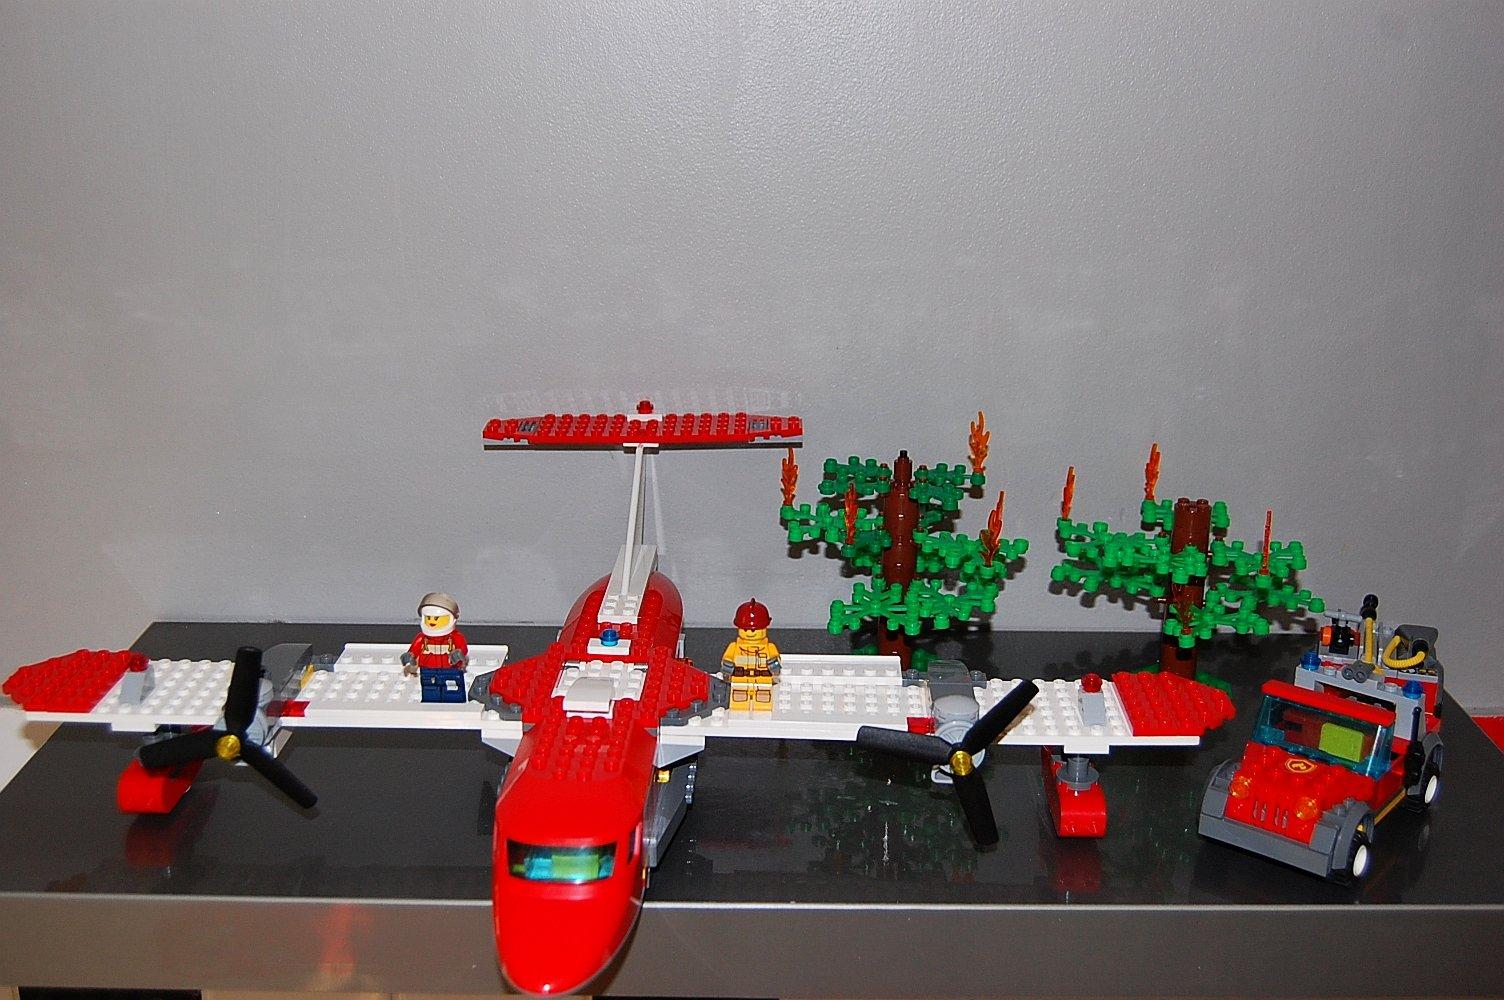 Lego City 4209 Samolot Strażacki 7297627518 Oficjalne Archiwum